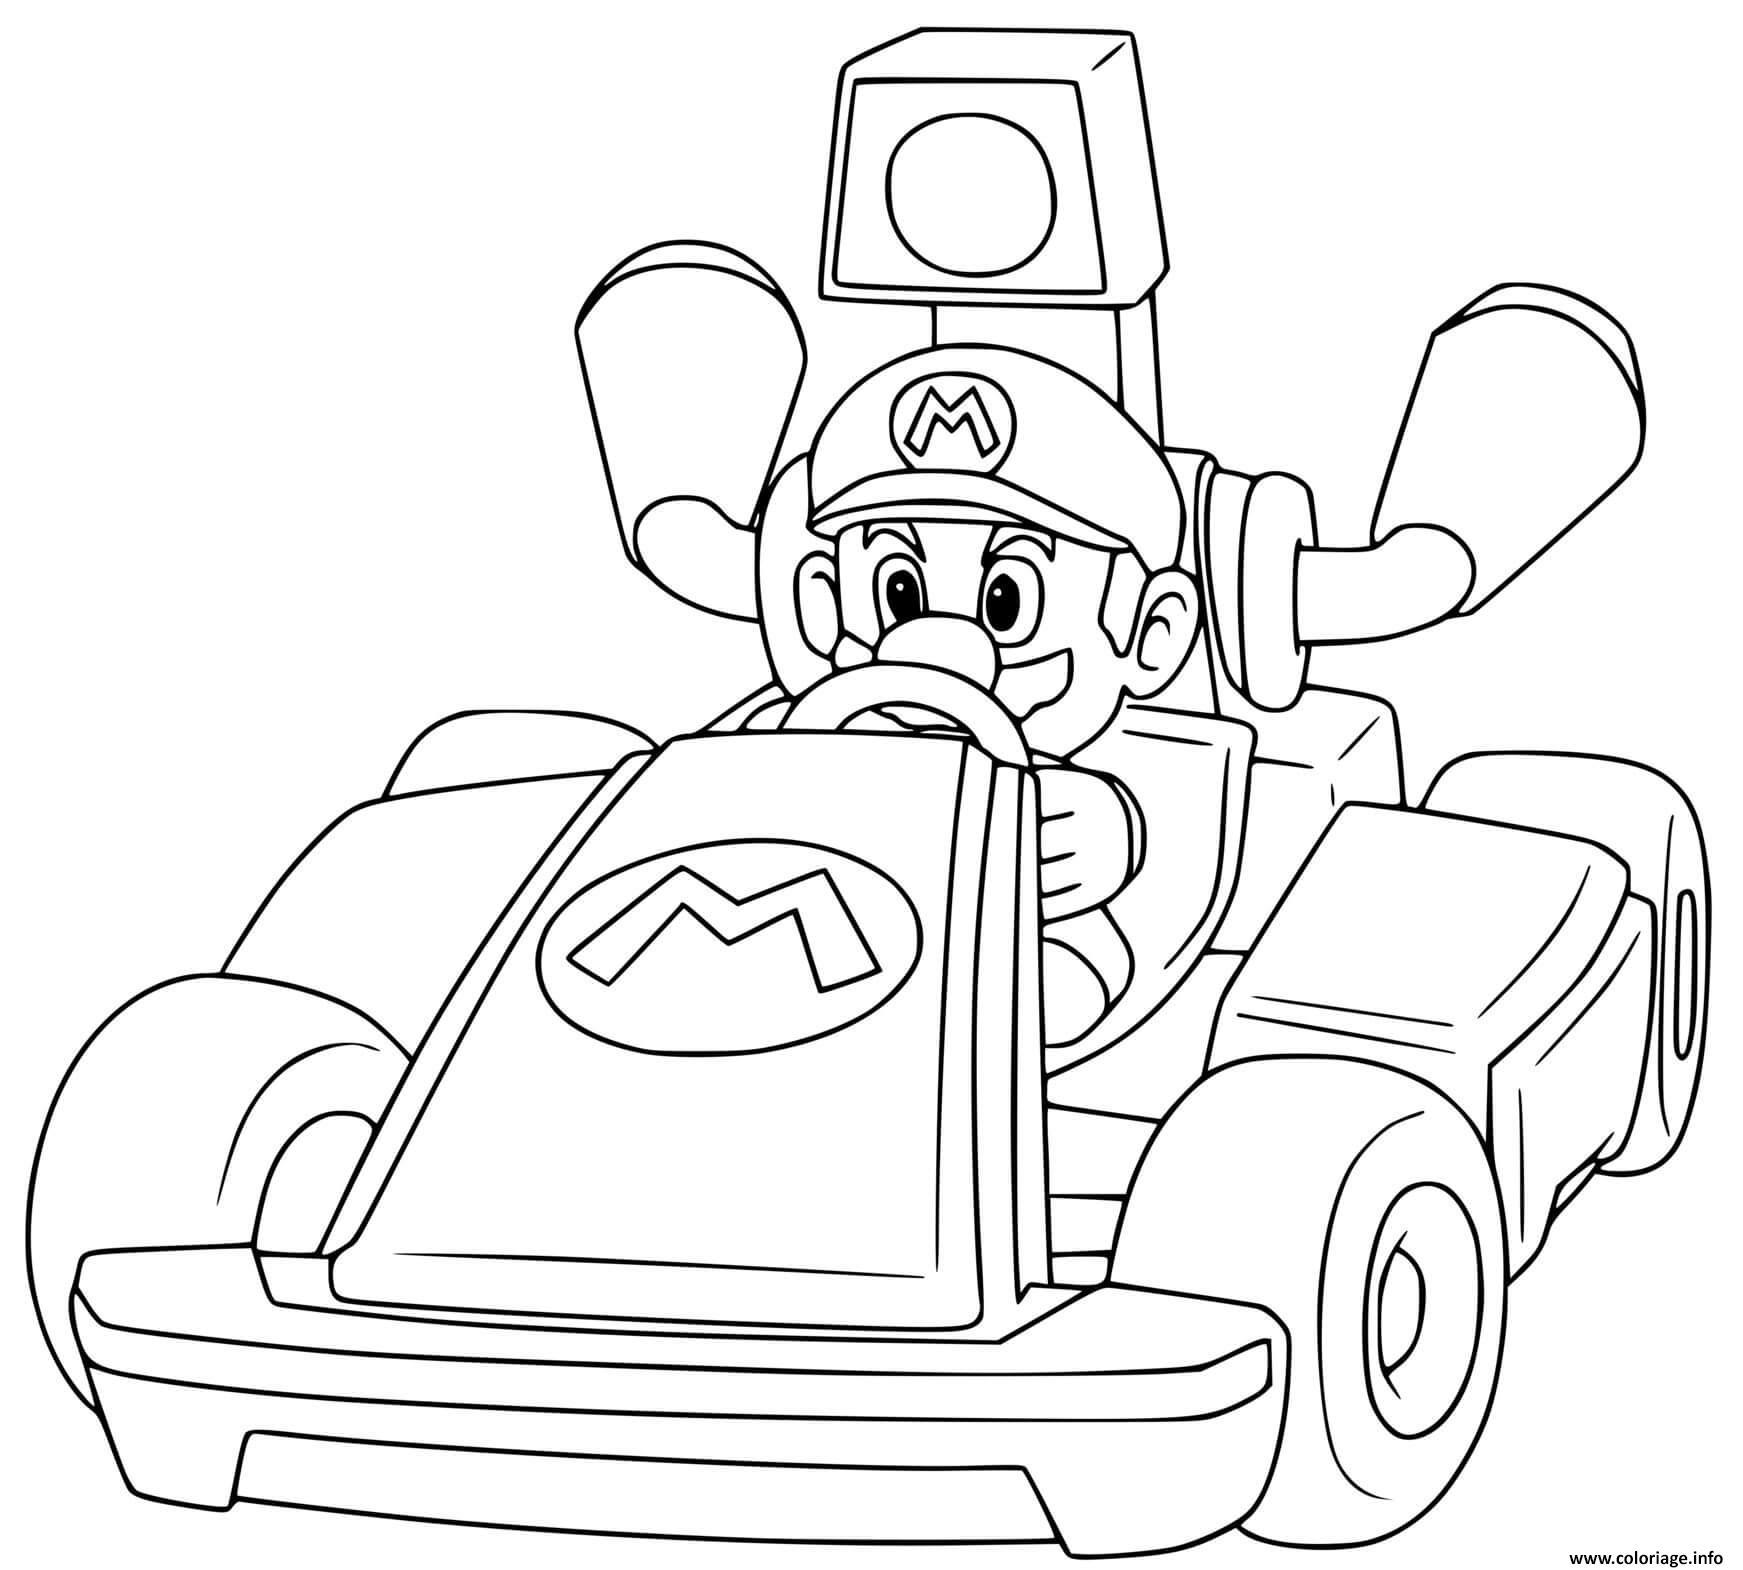 Dessin mario remporte la premiere position mario kart Coloriage Gratuit à Imprimer